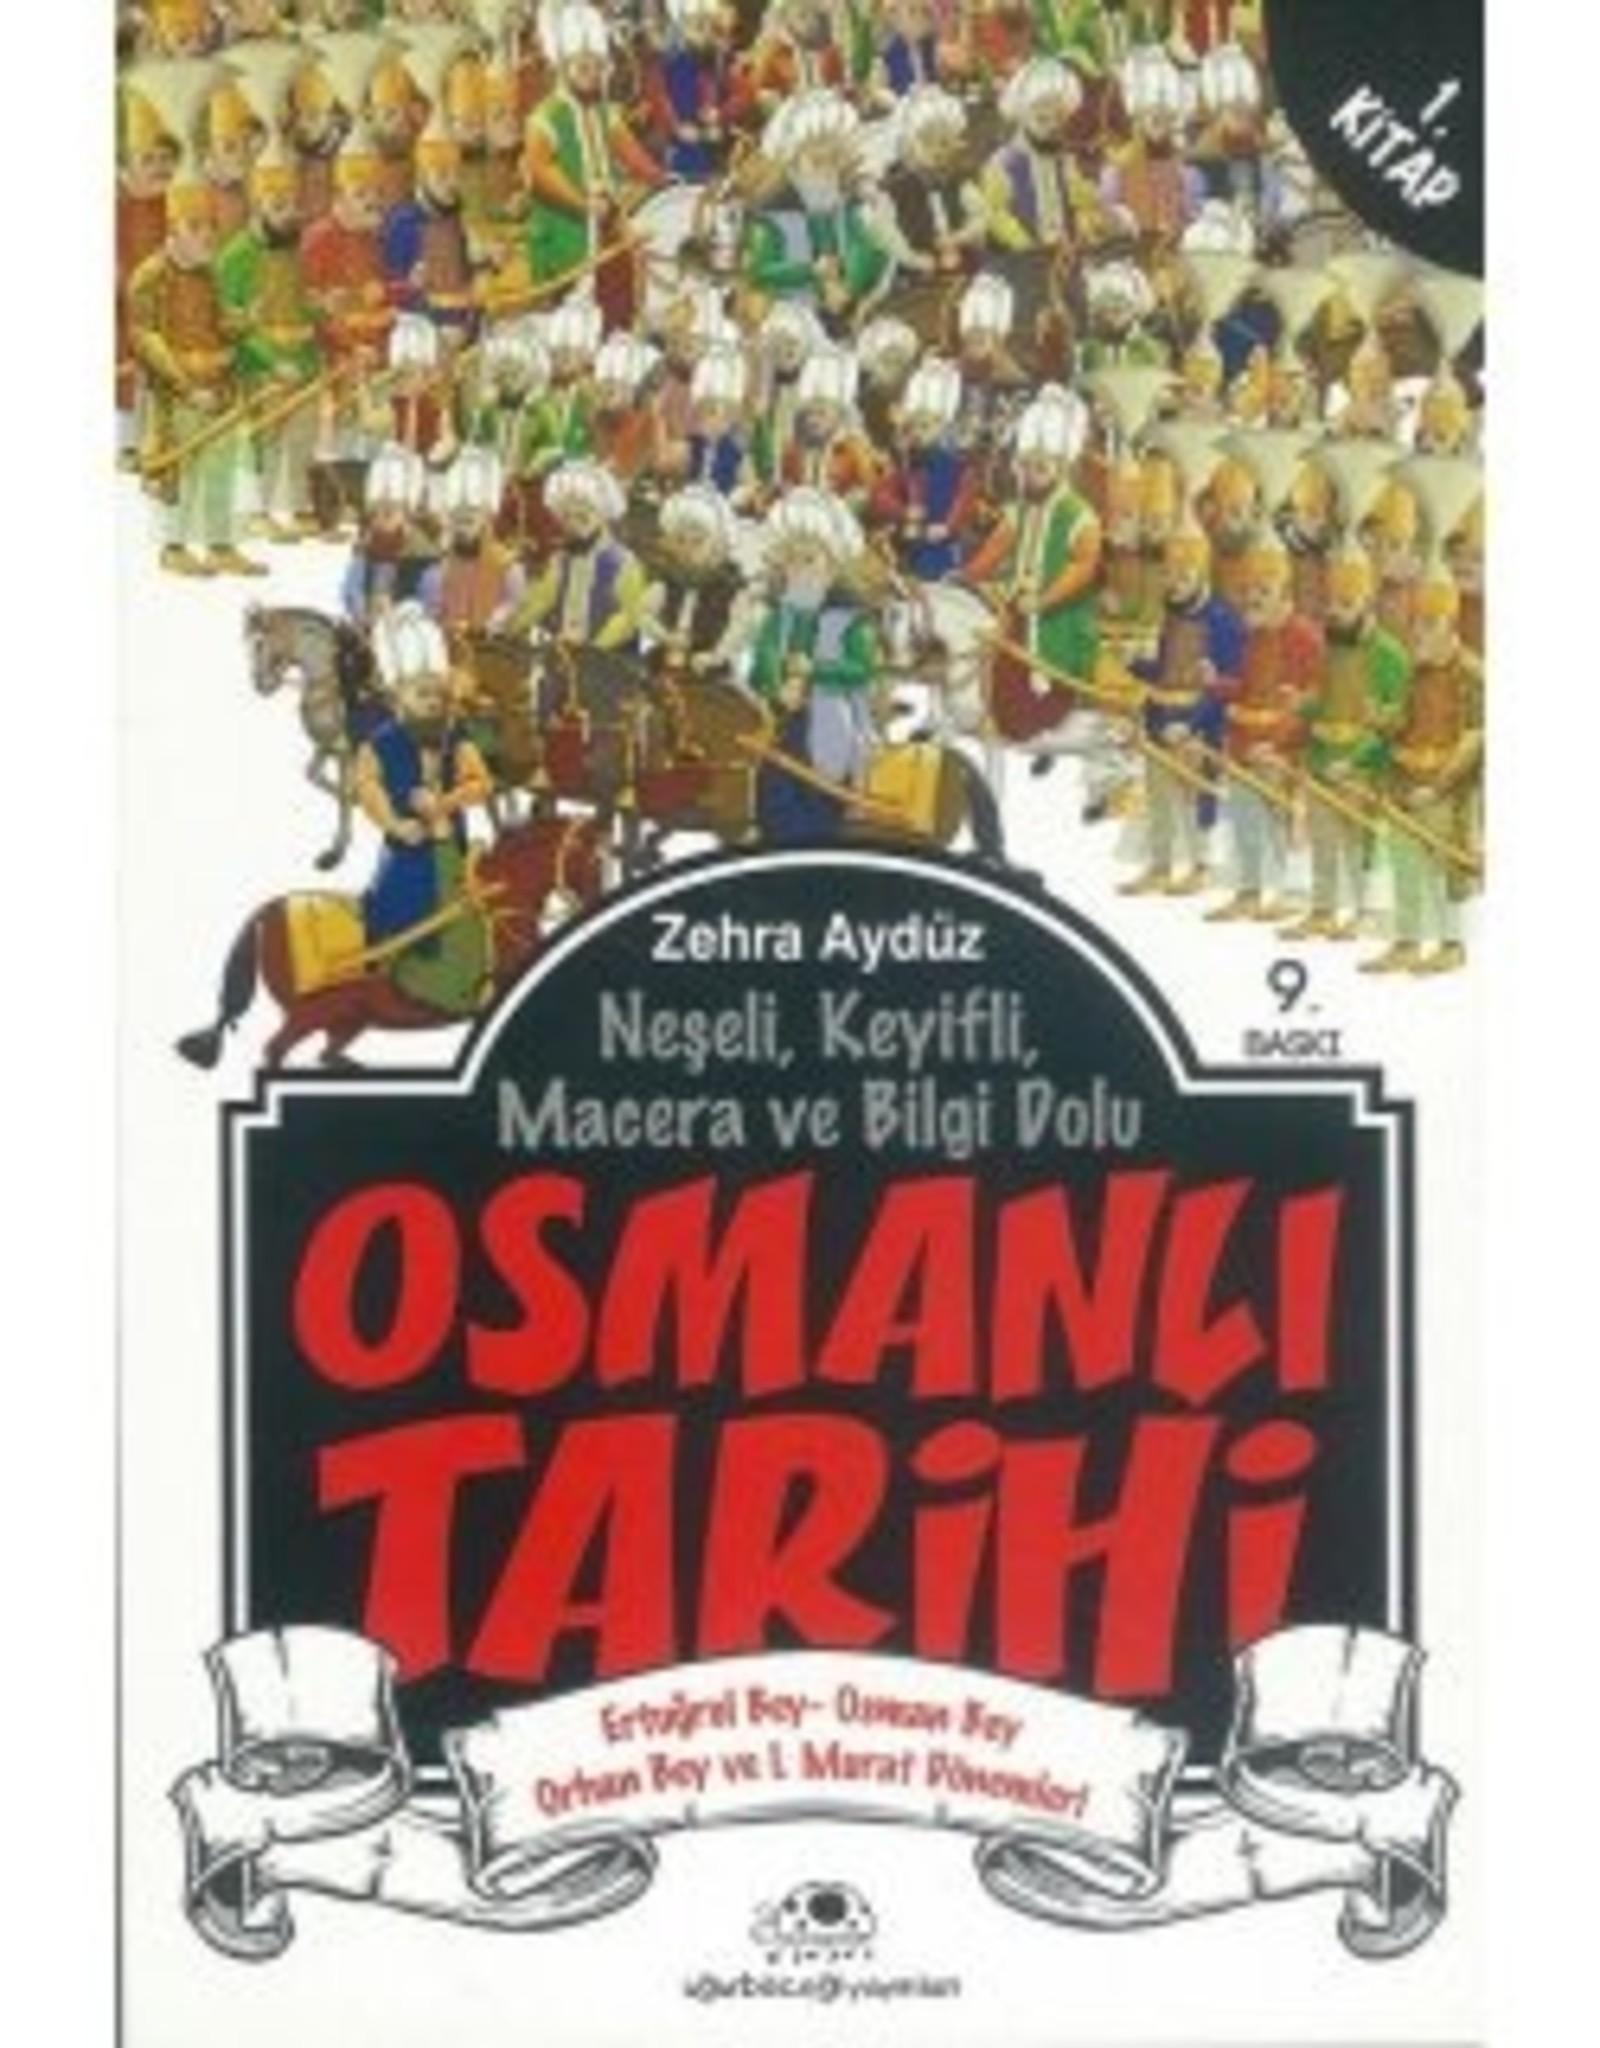 Osmanlı Tarihi 1 Ertuğrul Bey Osman Bey Orhan Bey ve 1. Murat Dönemleri